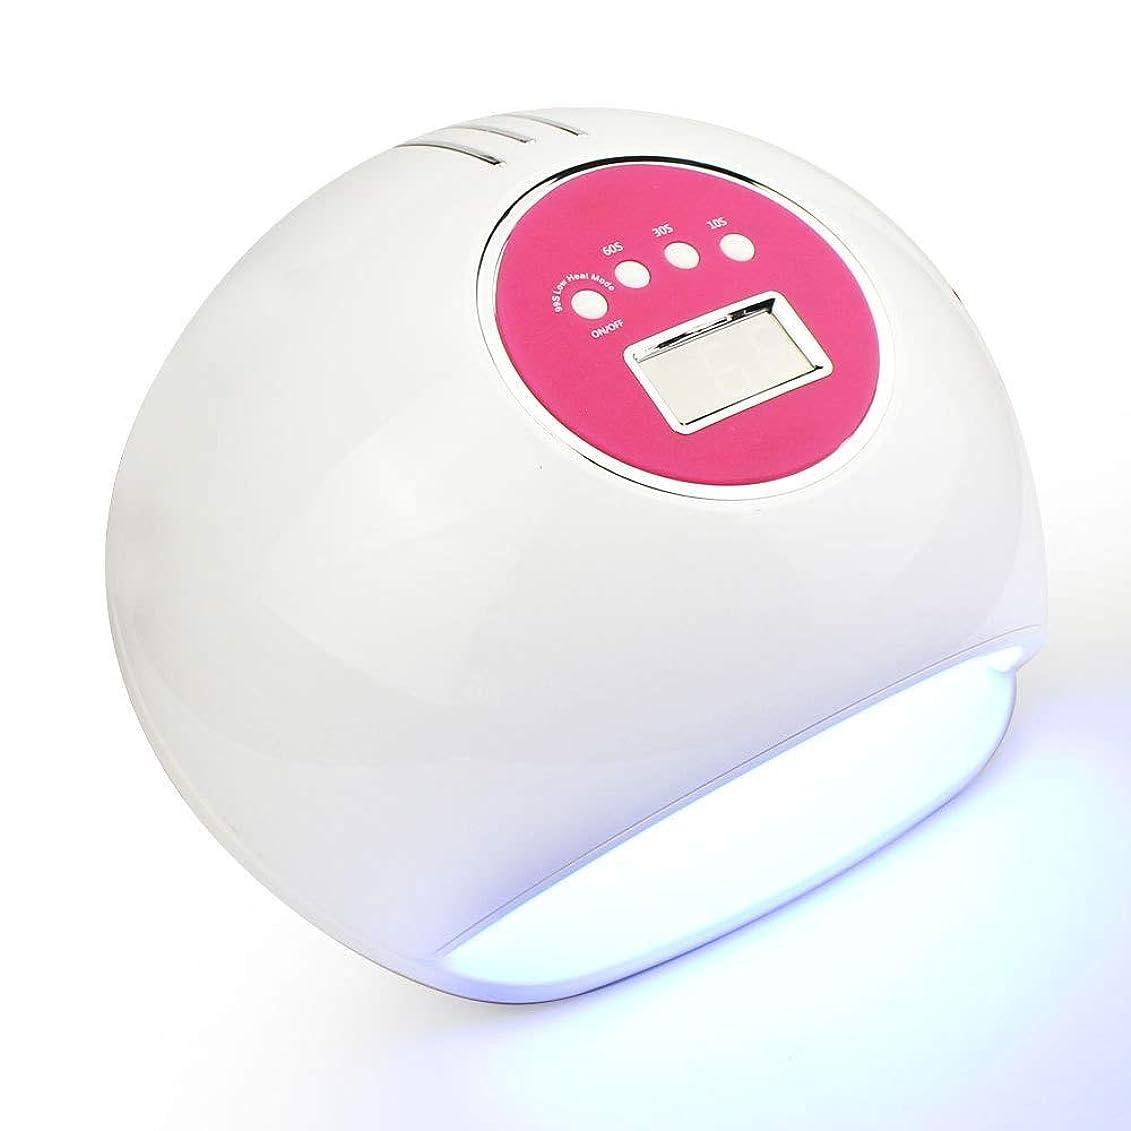 寛大さリネン関数スマートネイル光線療法機72ワットデュアル光源痛みのないモードタイミング冷却穴取り外し可能なベースプレート